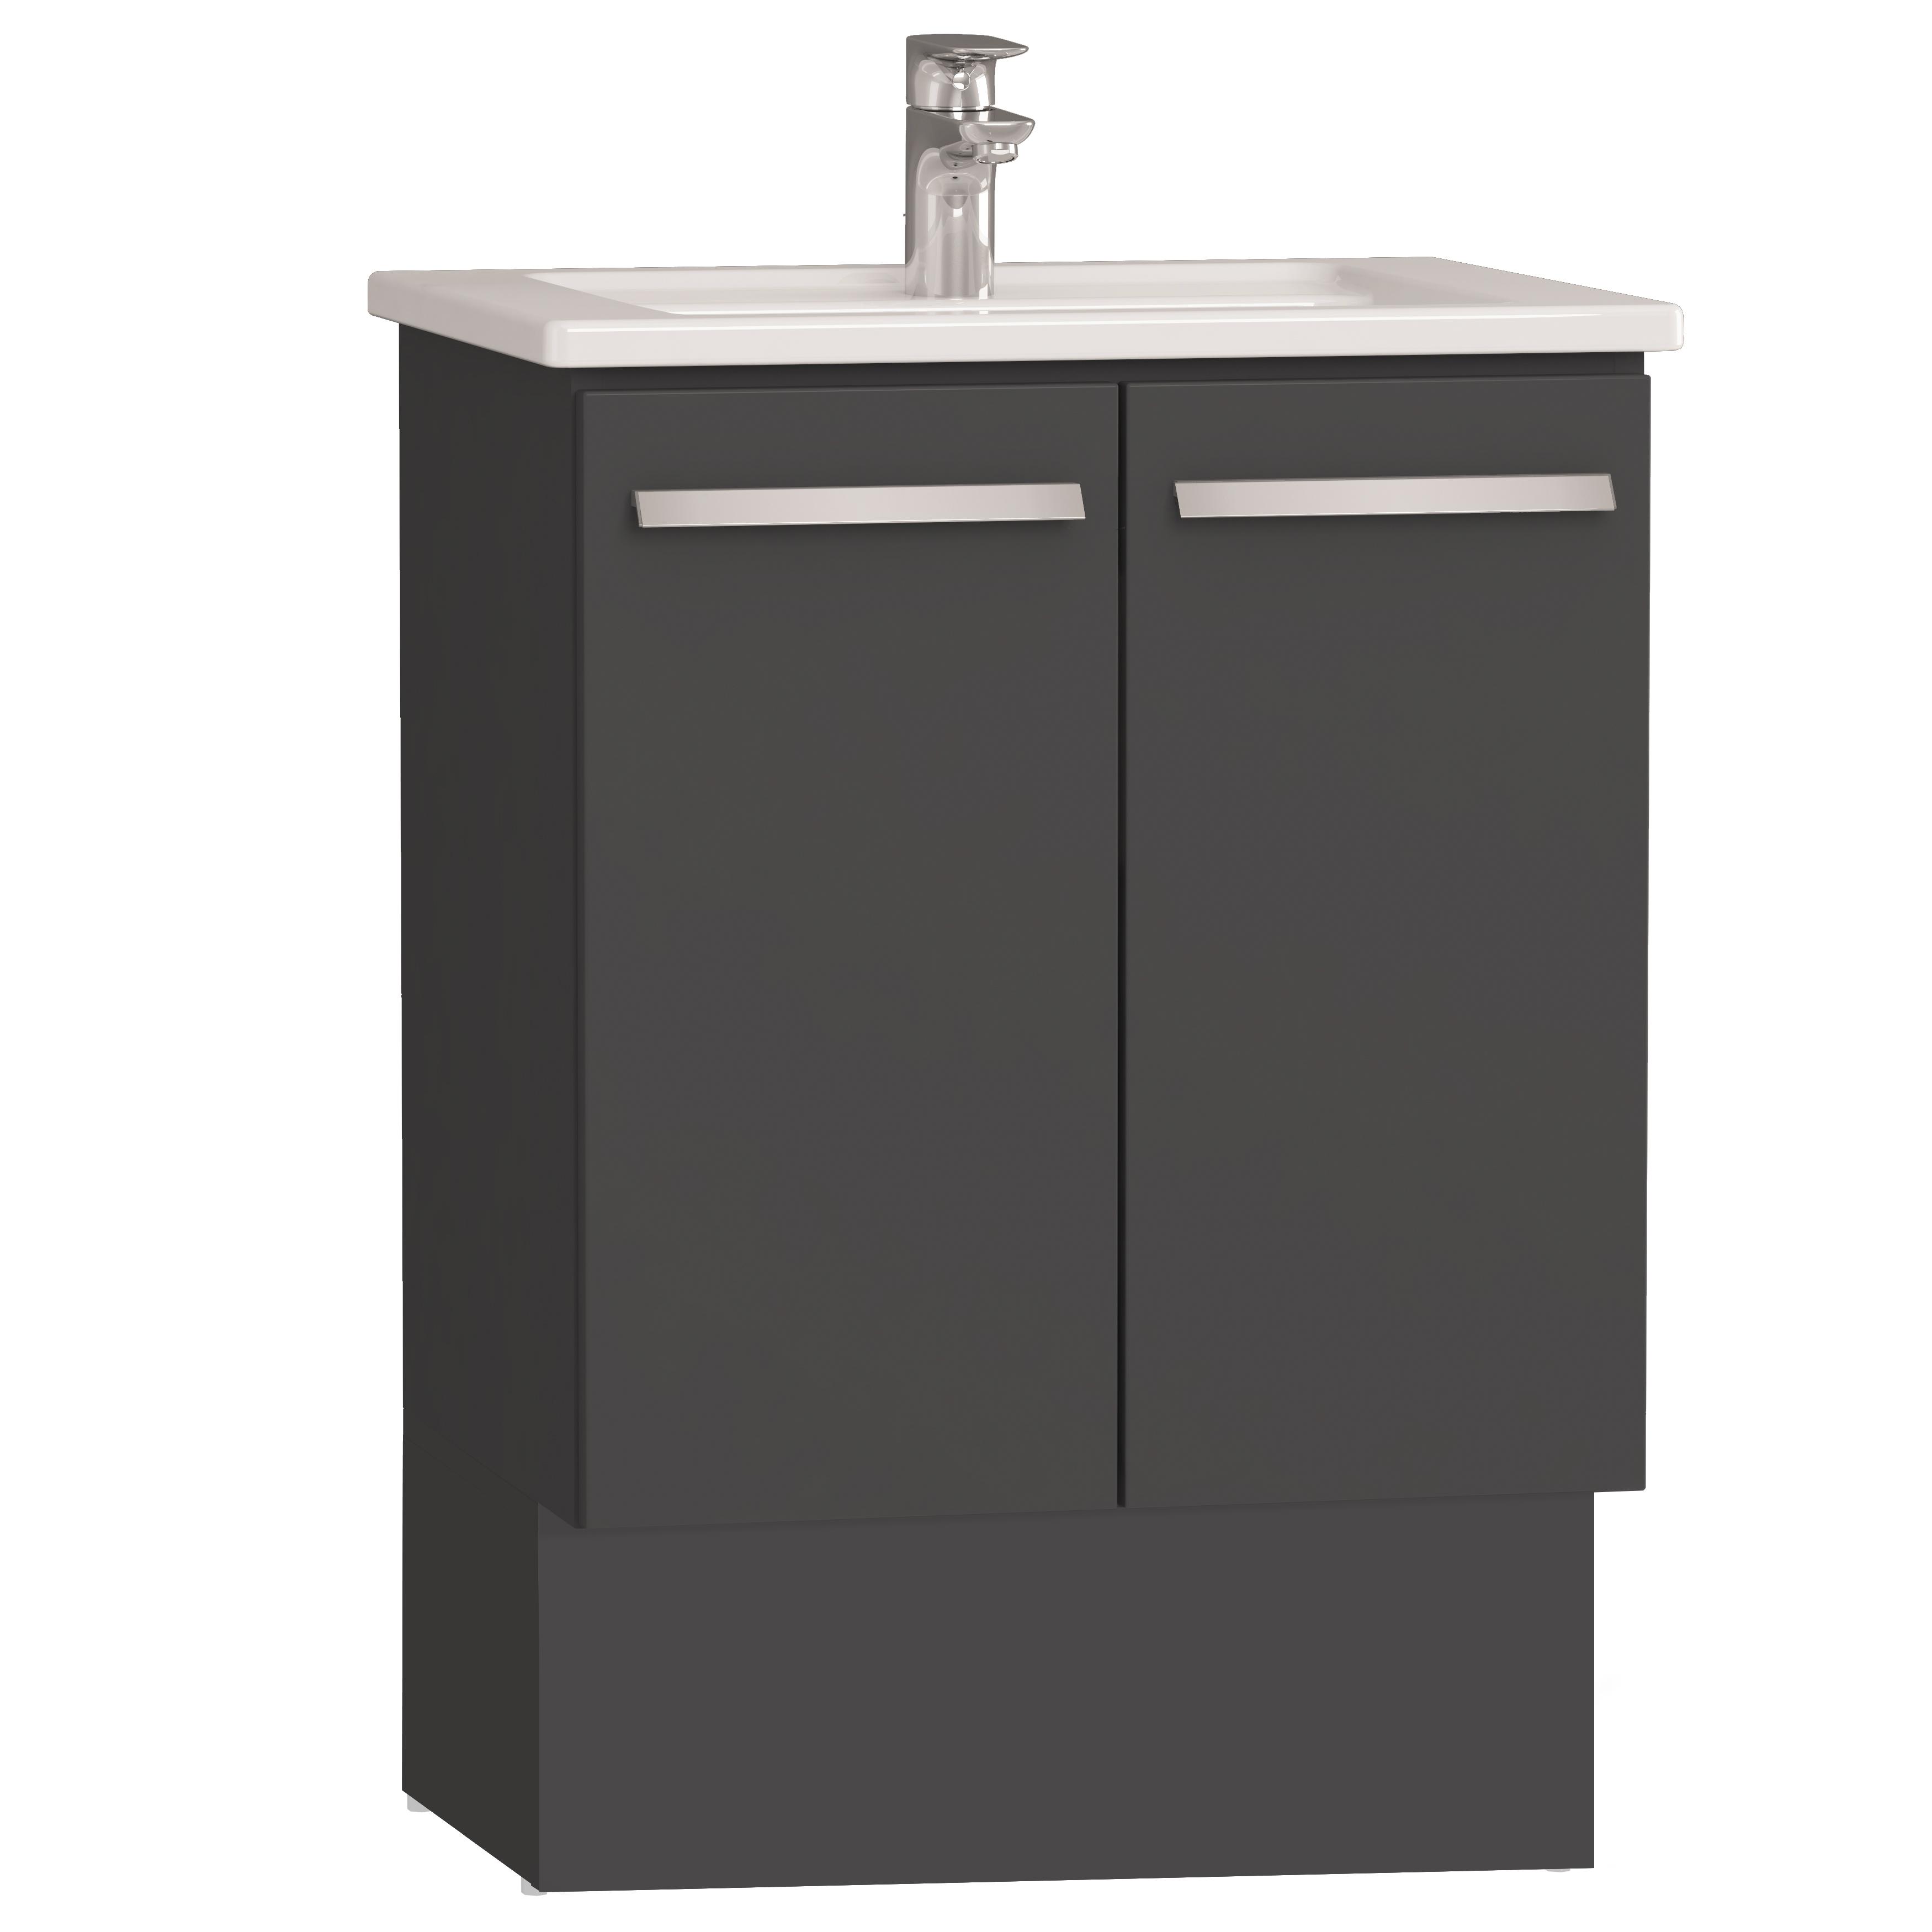 Integra socle pour meuble avec plan céramique & portes, 60 cm, anthraciteacite haute brillance